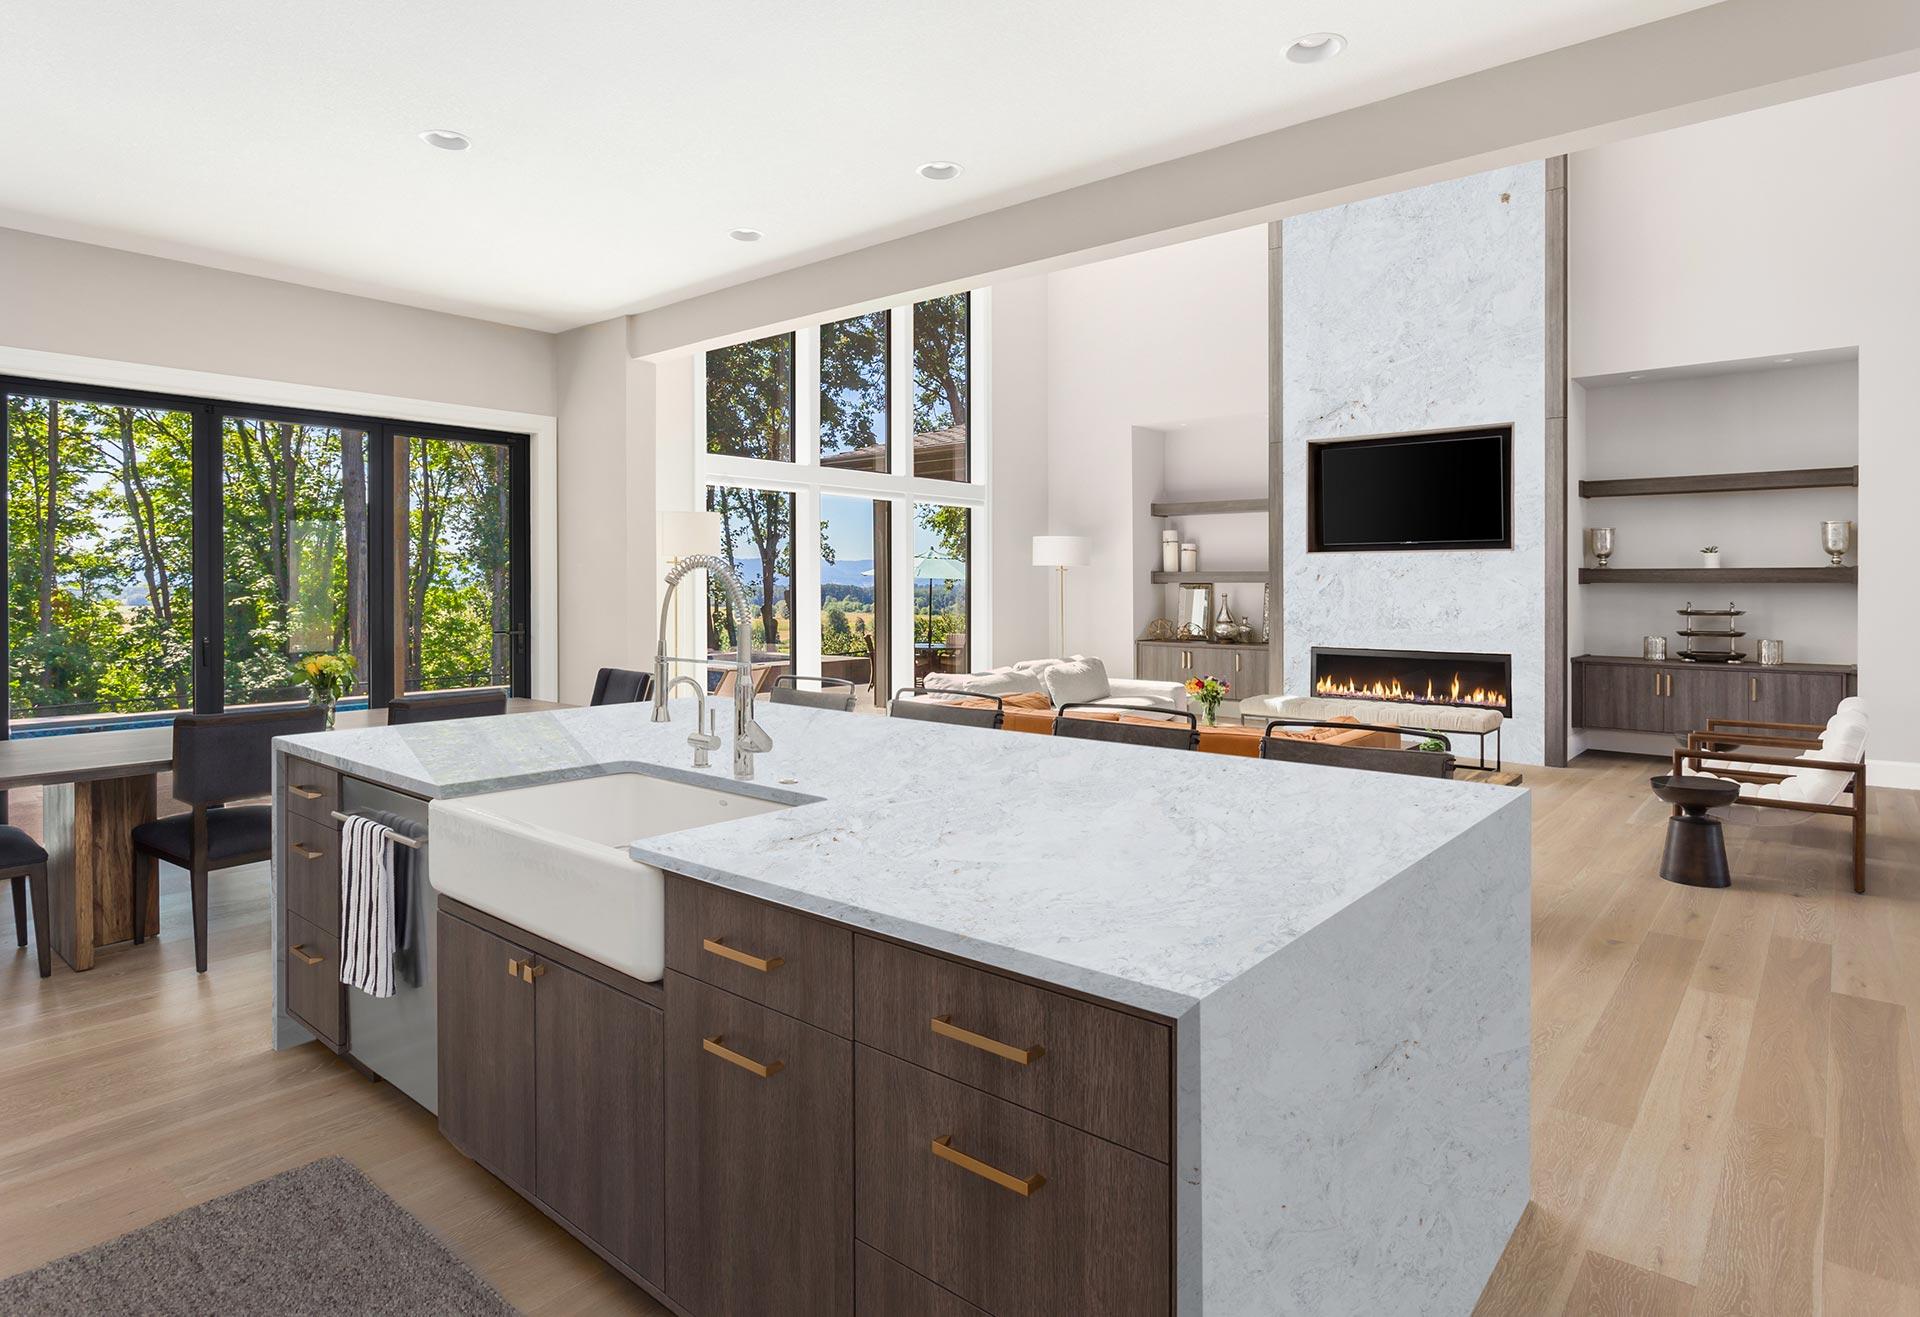 marble calacatta bianco kitchen